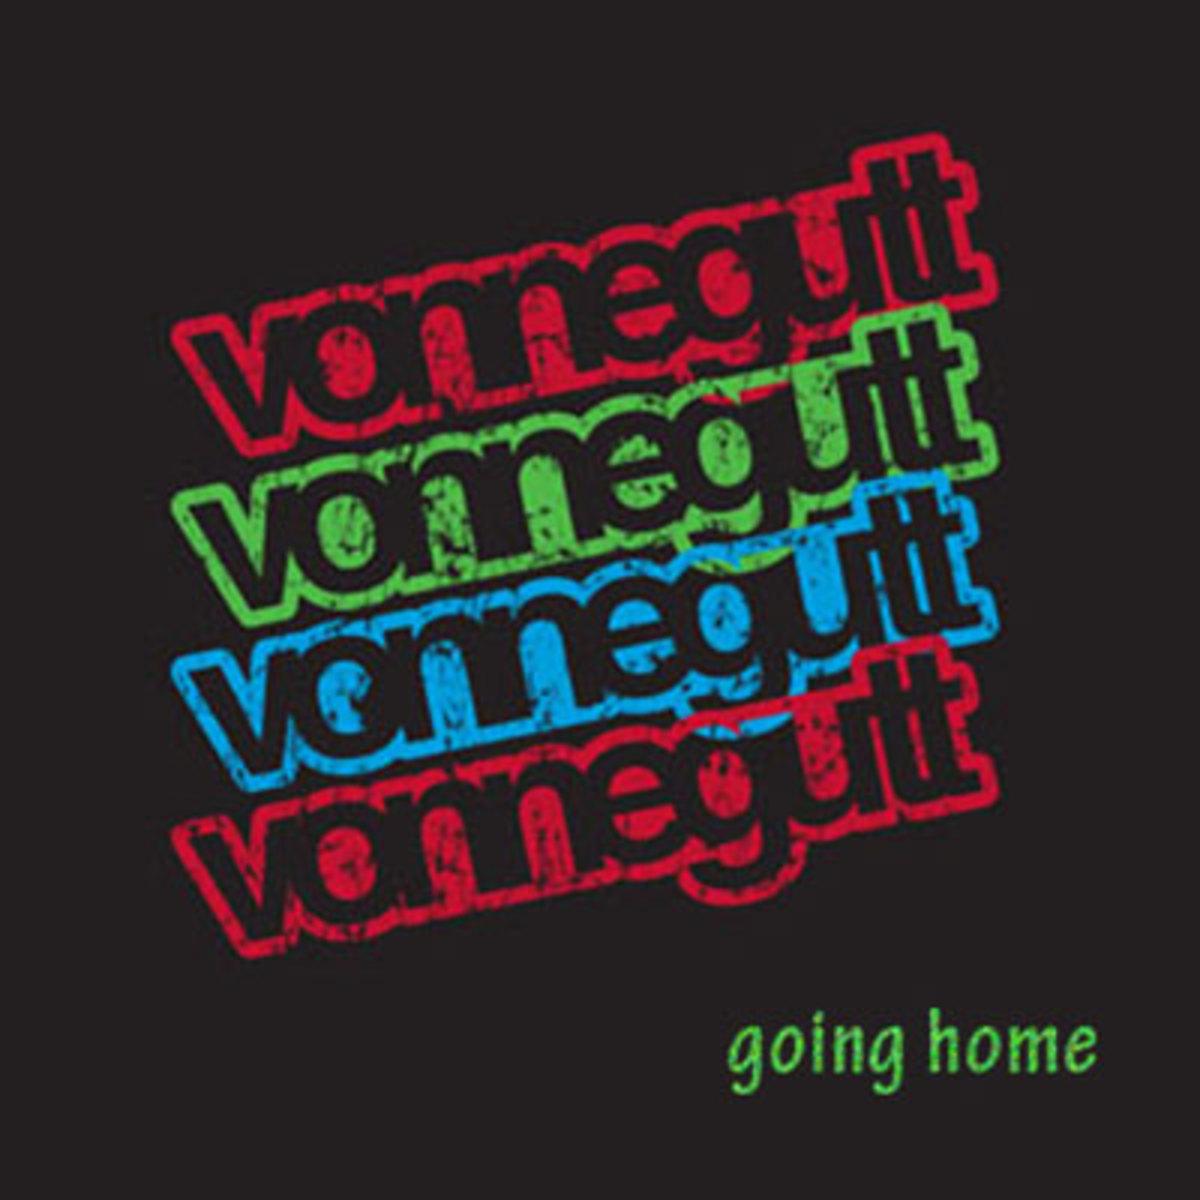 vonnegutt-goinghome.jpg